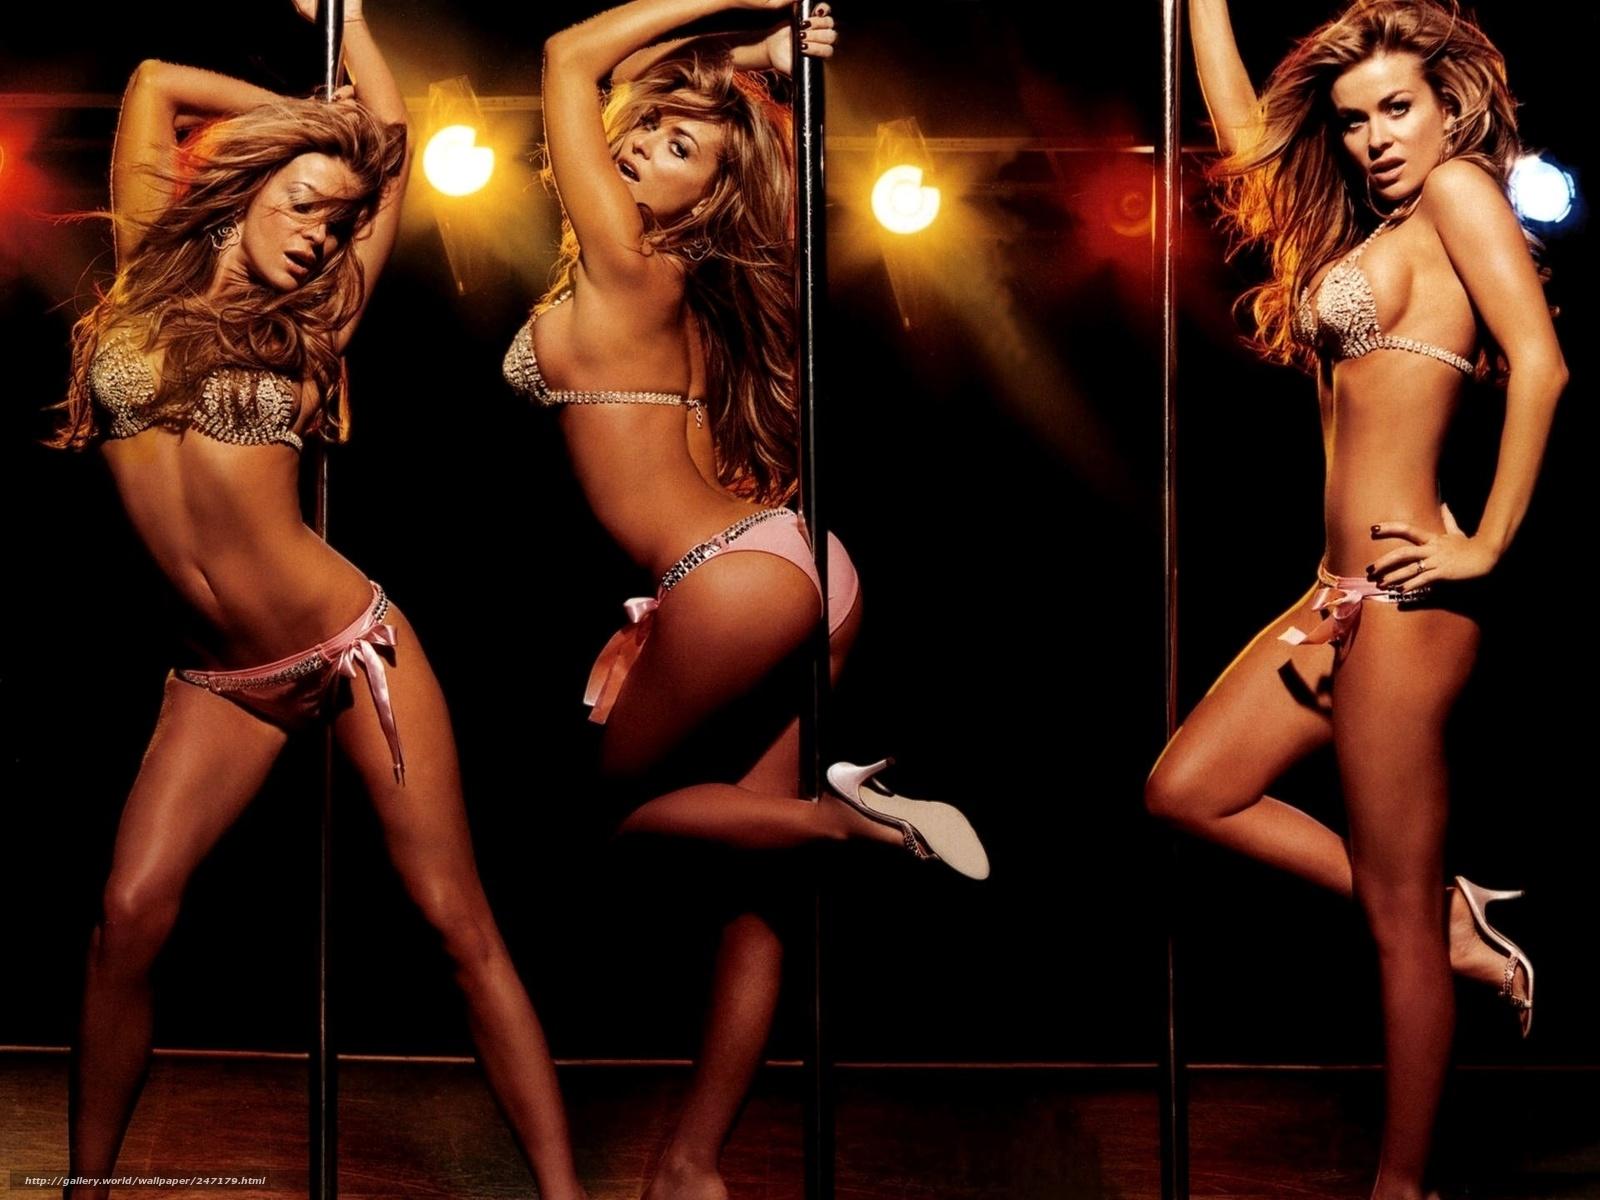 Танцующие девушки голые 10 фотография